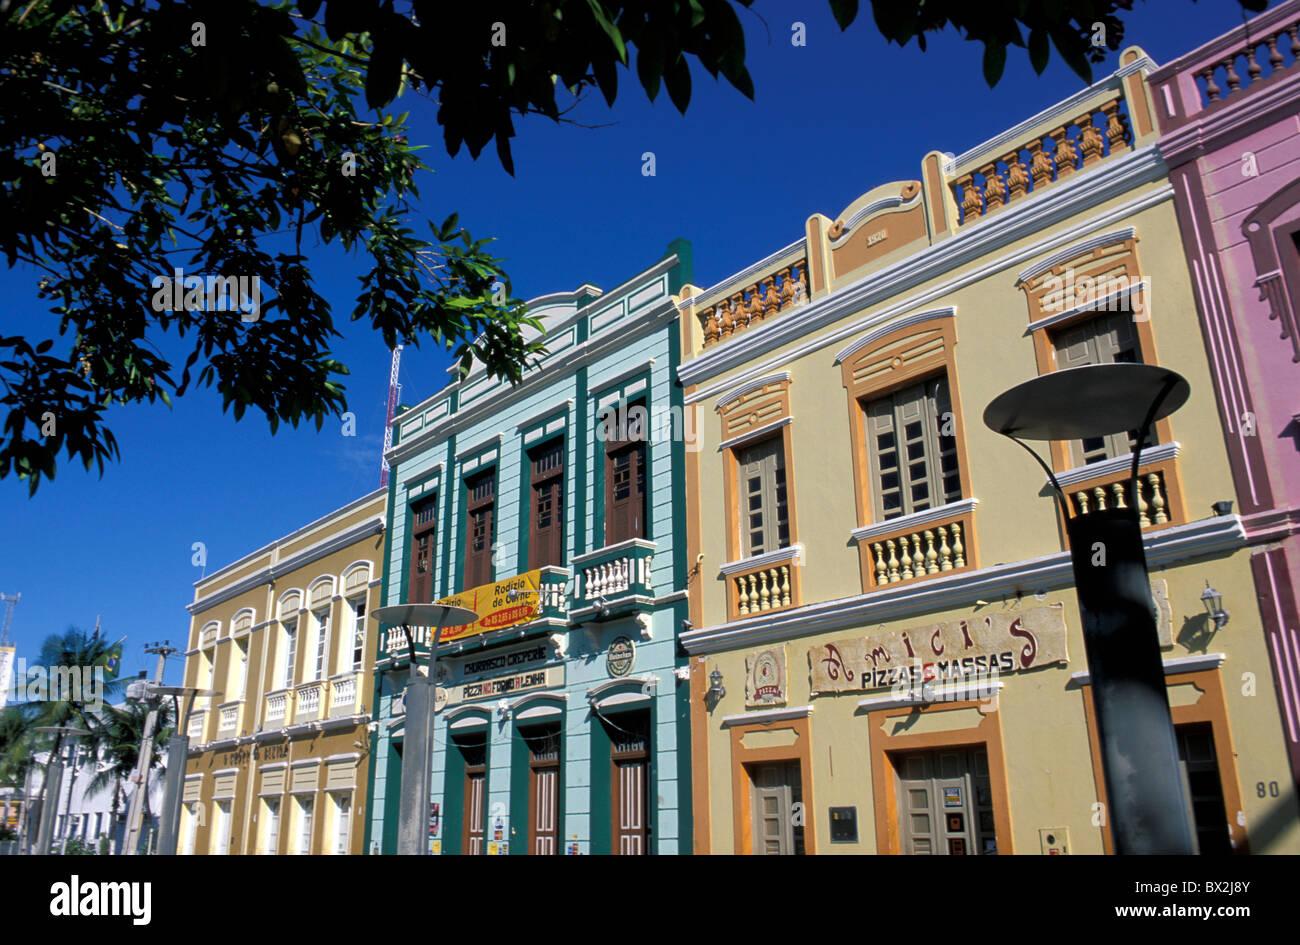 Centro Dragao do Mar de Arte e Cultura Ceara Fortaleza Brasile America del sud degli edifici facciate di case colorate Immagini Stock